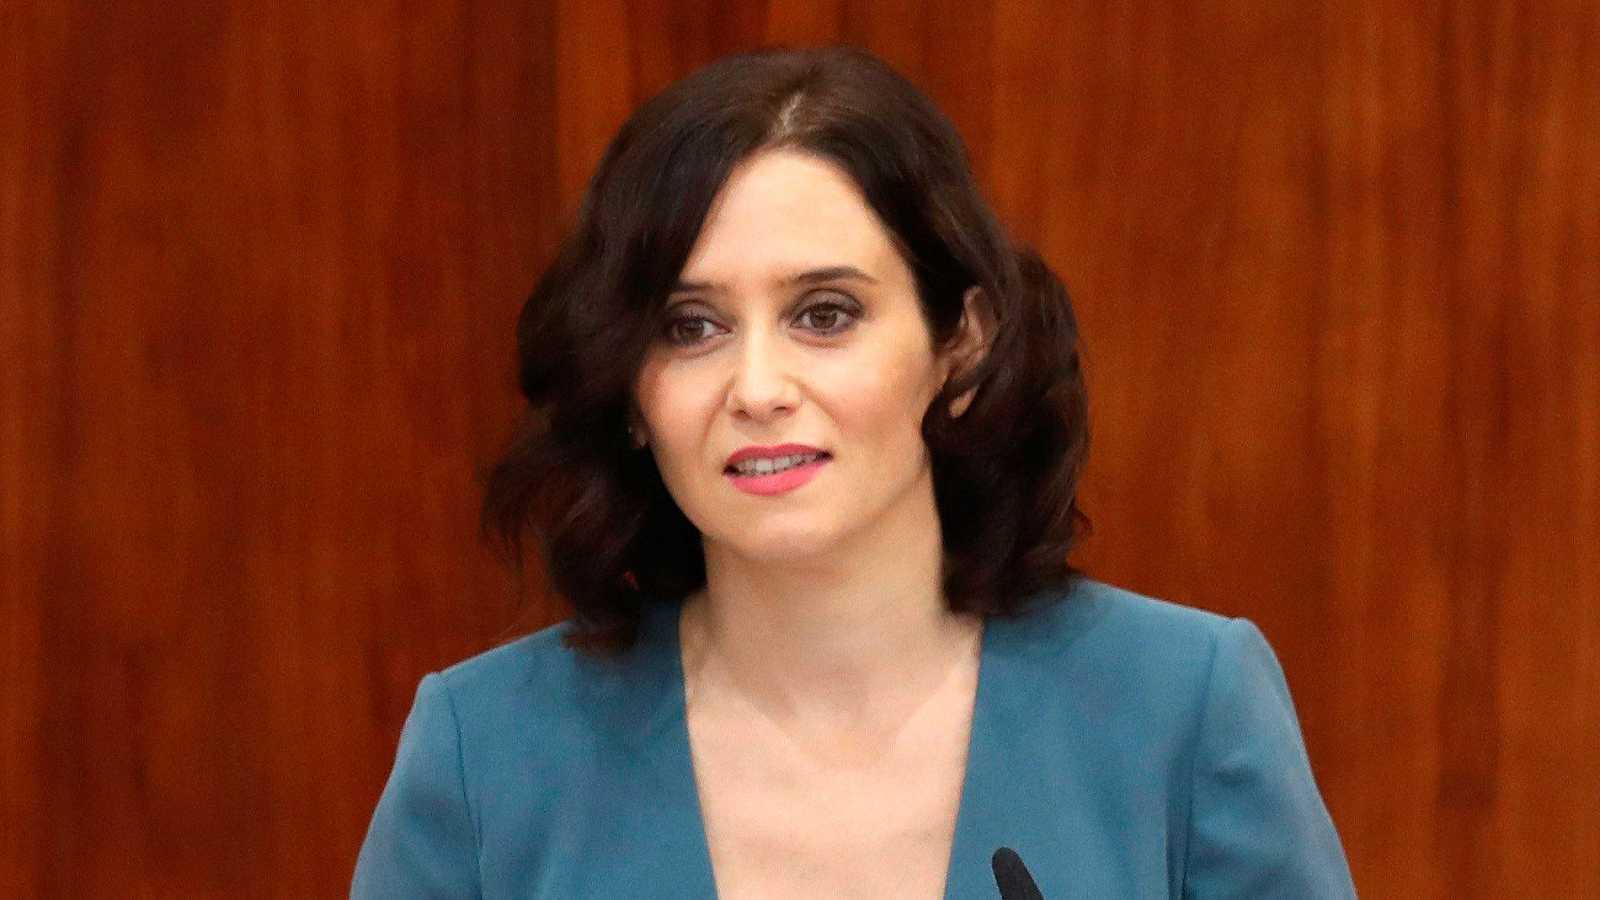 """Díaz Ayuso promete la """"mayor bajada de impuestos de la historia"""" en un discurso con guiños a Cs y Vox"""